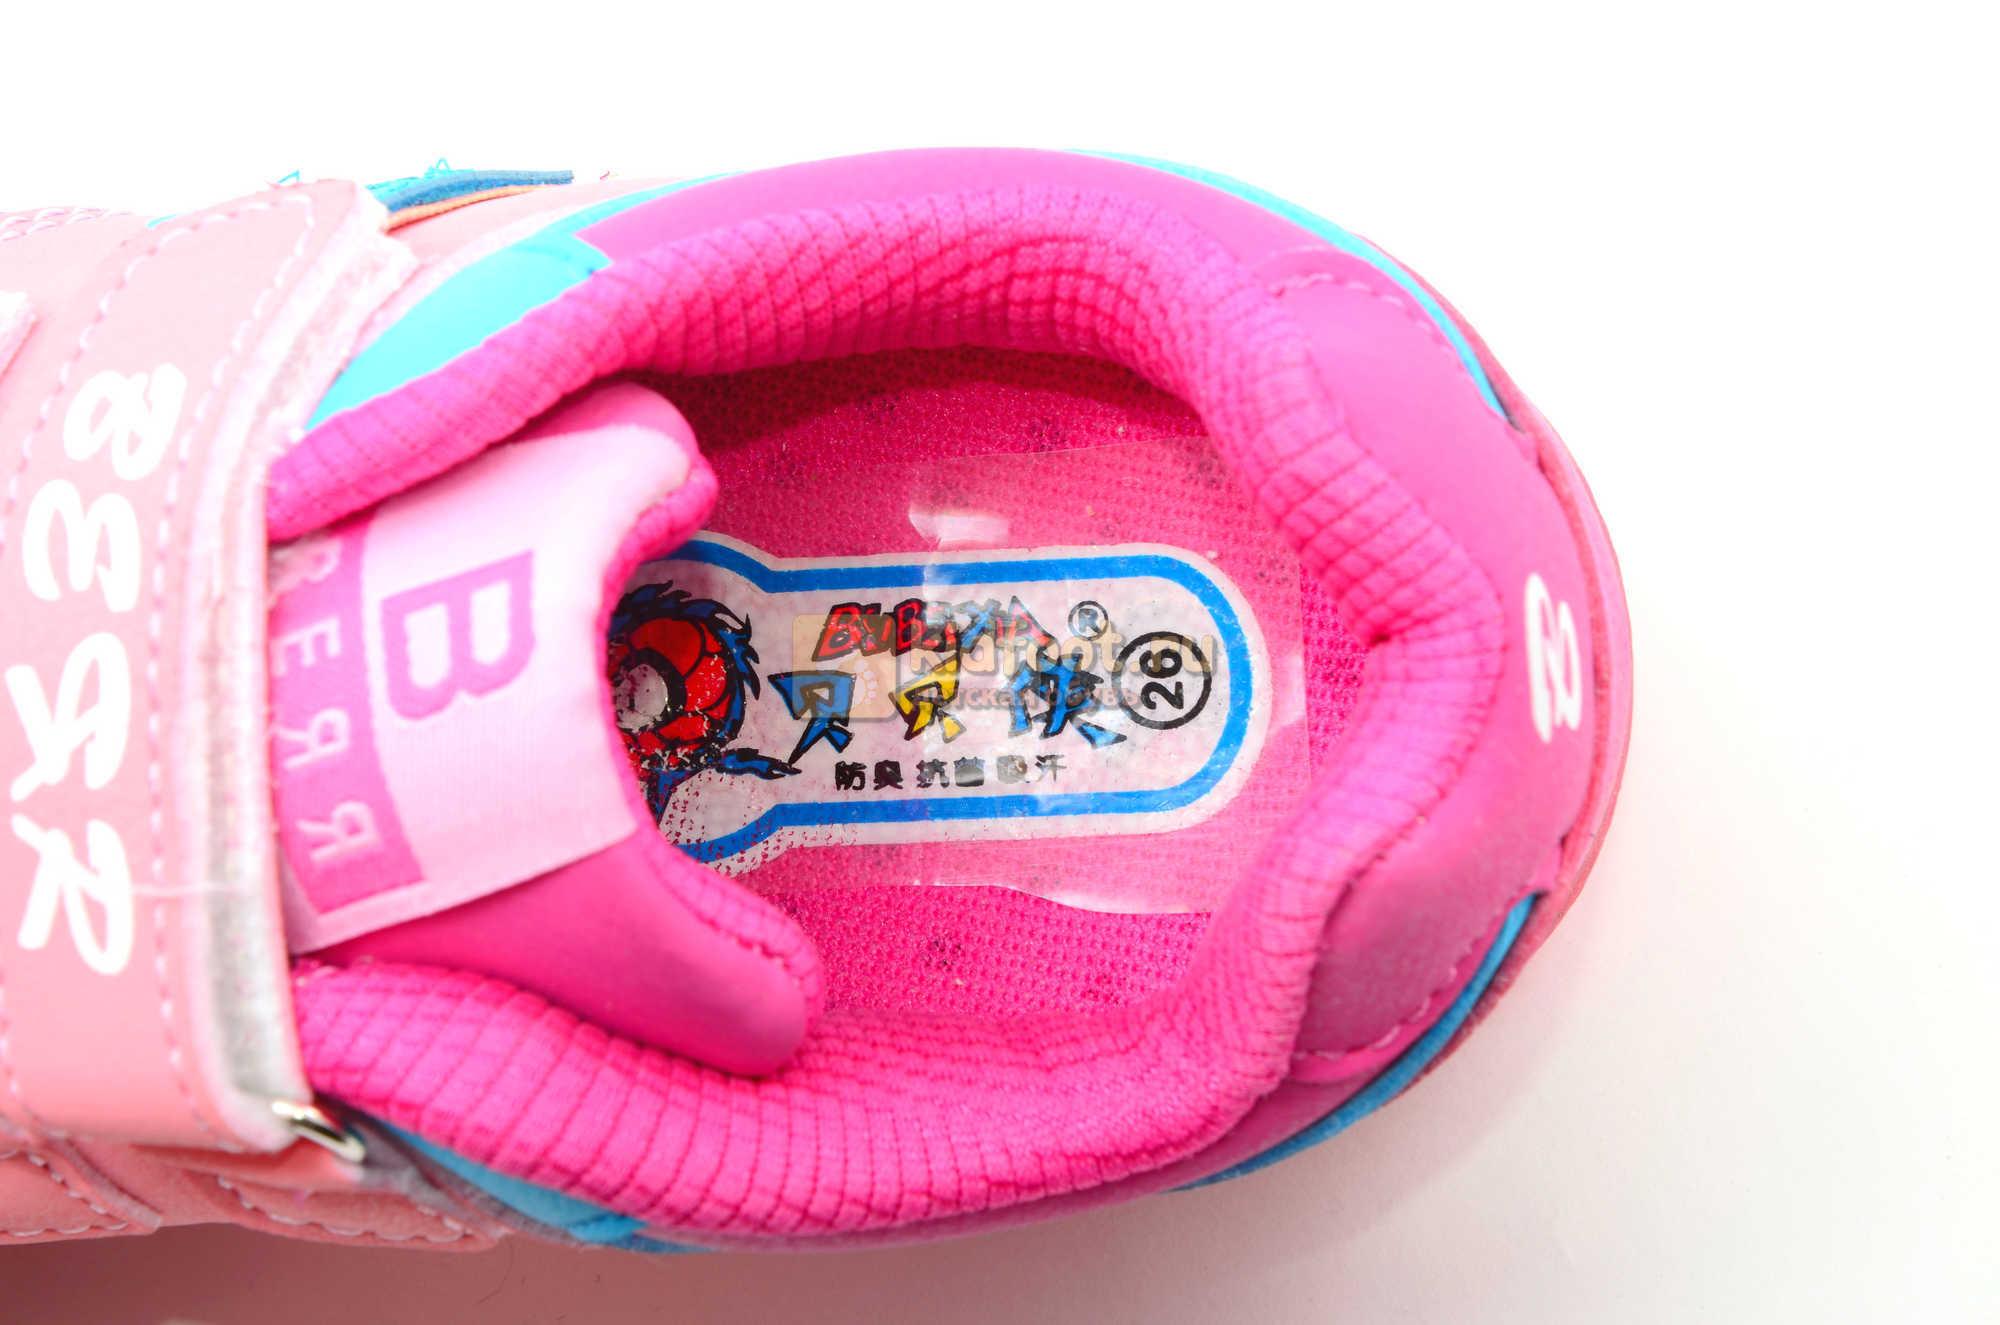 Светящиеся кроссовки Бебексия (BEIBEIXIA) для девочек, цвет розовый, светится вся подошва